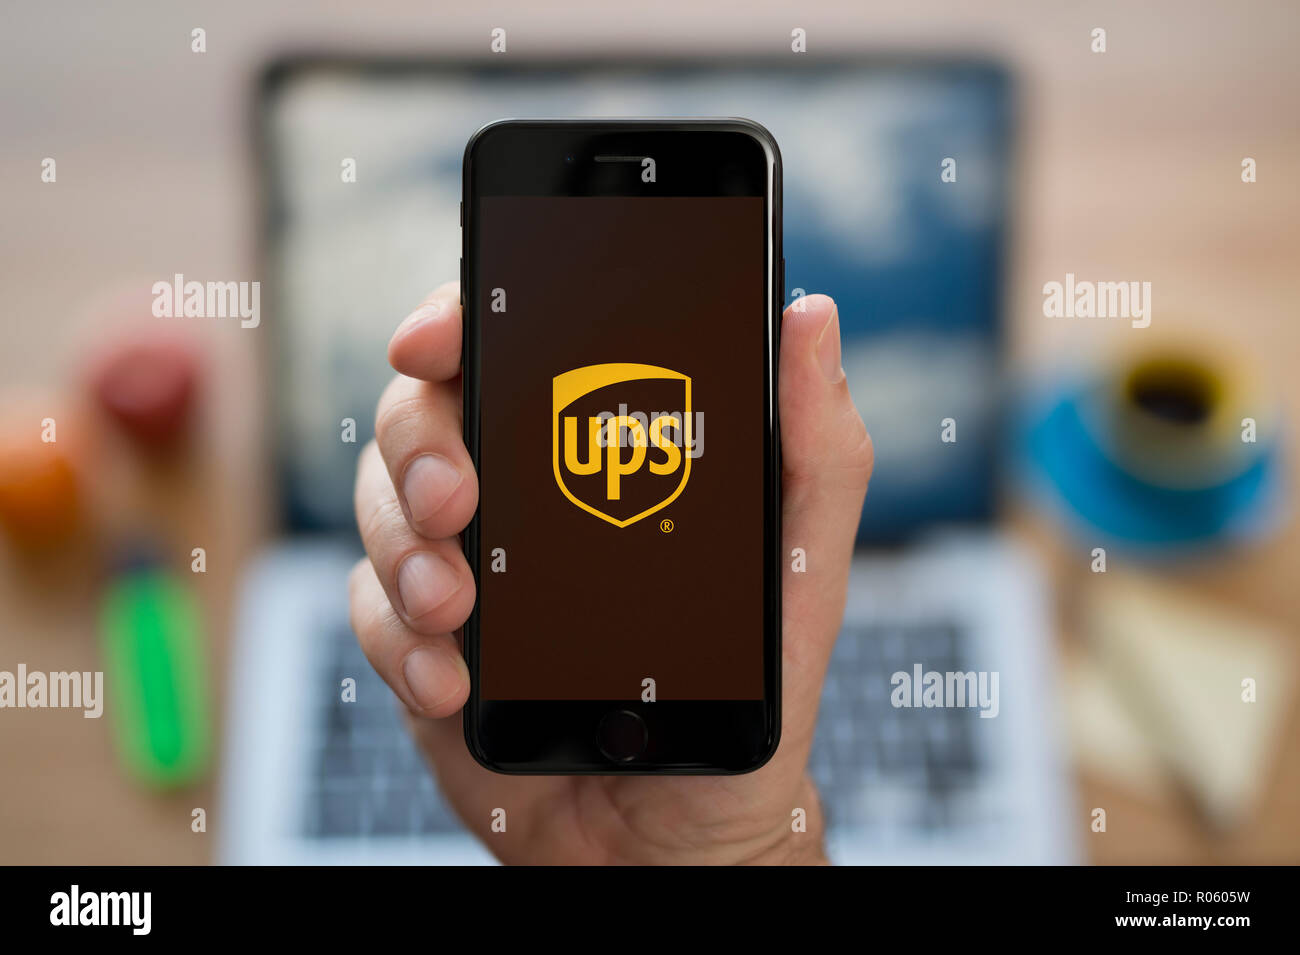 Un uomo guarda al suo iPhone che visualizza il logo UPS, mentre se ne sta seduto alla sua scrivania per computer (solo uso editoriale). Immagini Stock